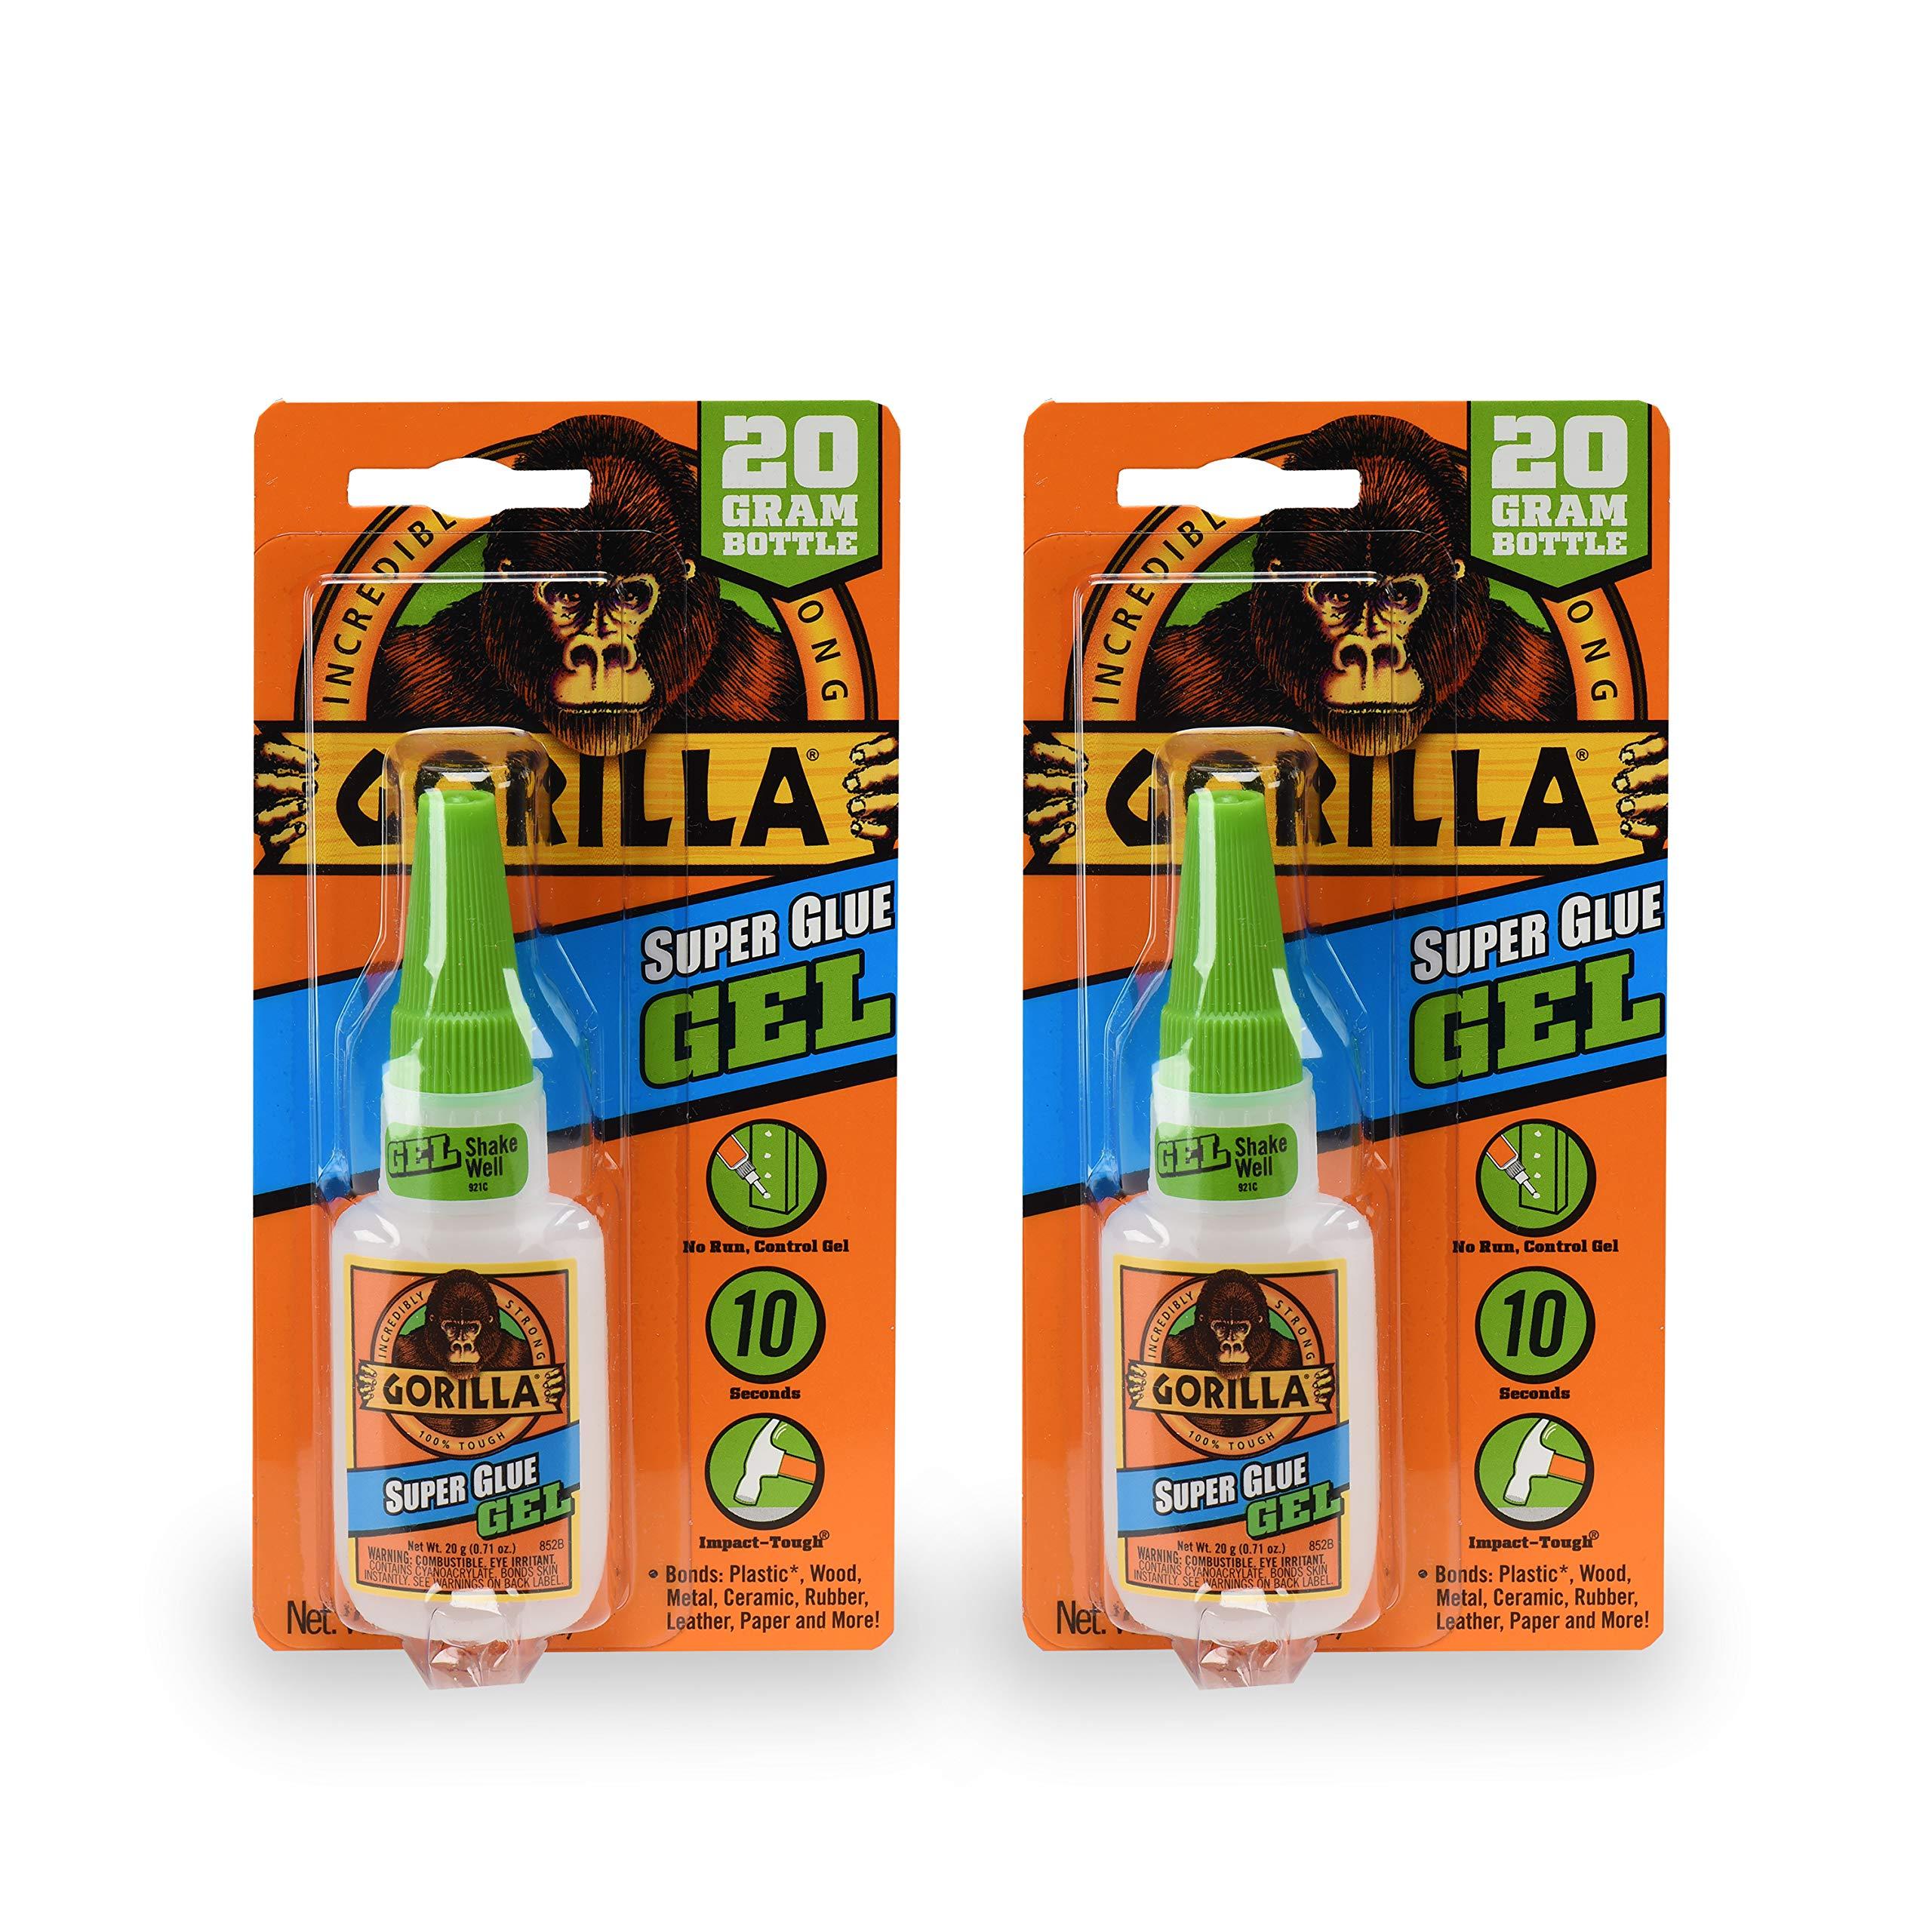 Gorilla 7700108 20 Gram 2-Pack Super Glue Gel, Clear by Gorilla